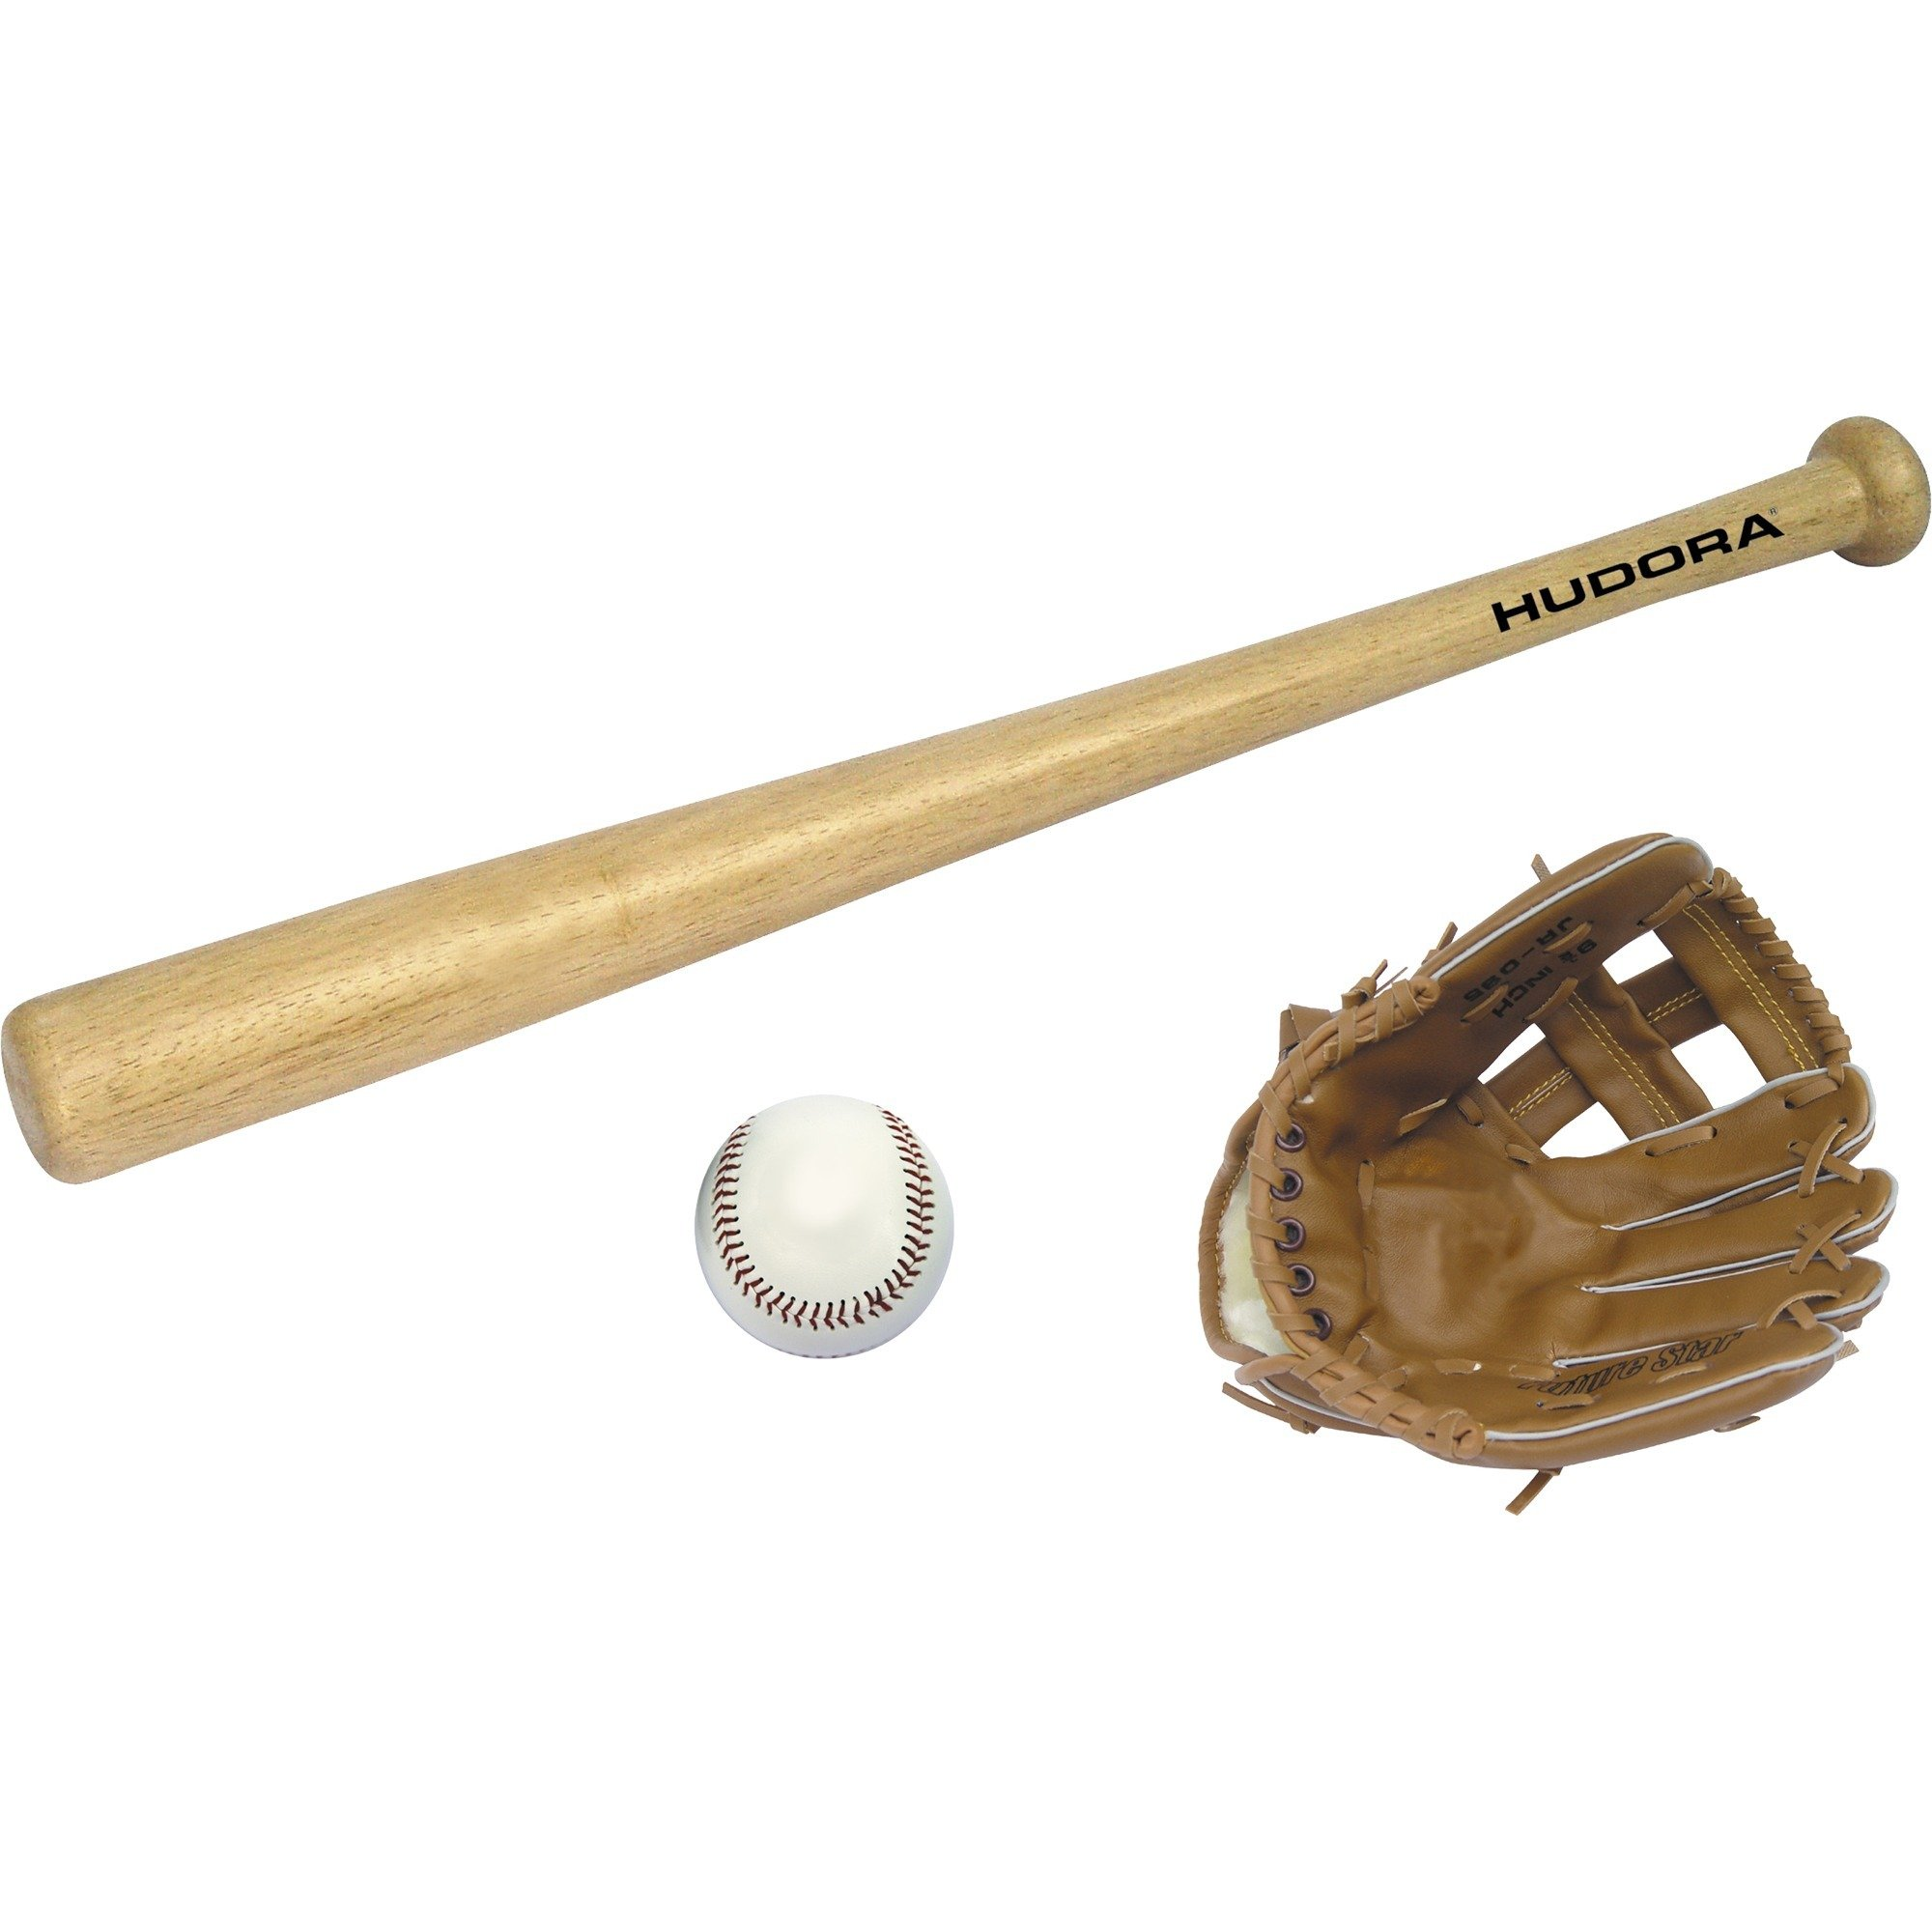 73000/01 bate de béisbol, Aparato para fitness